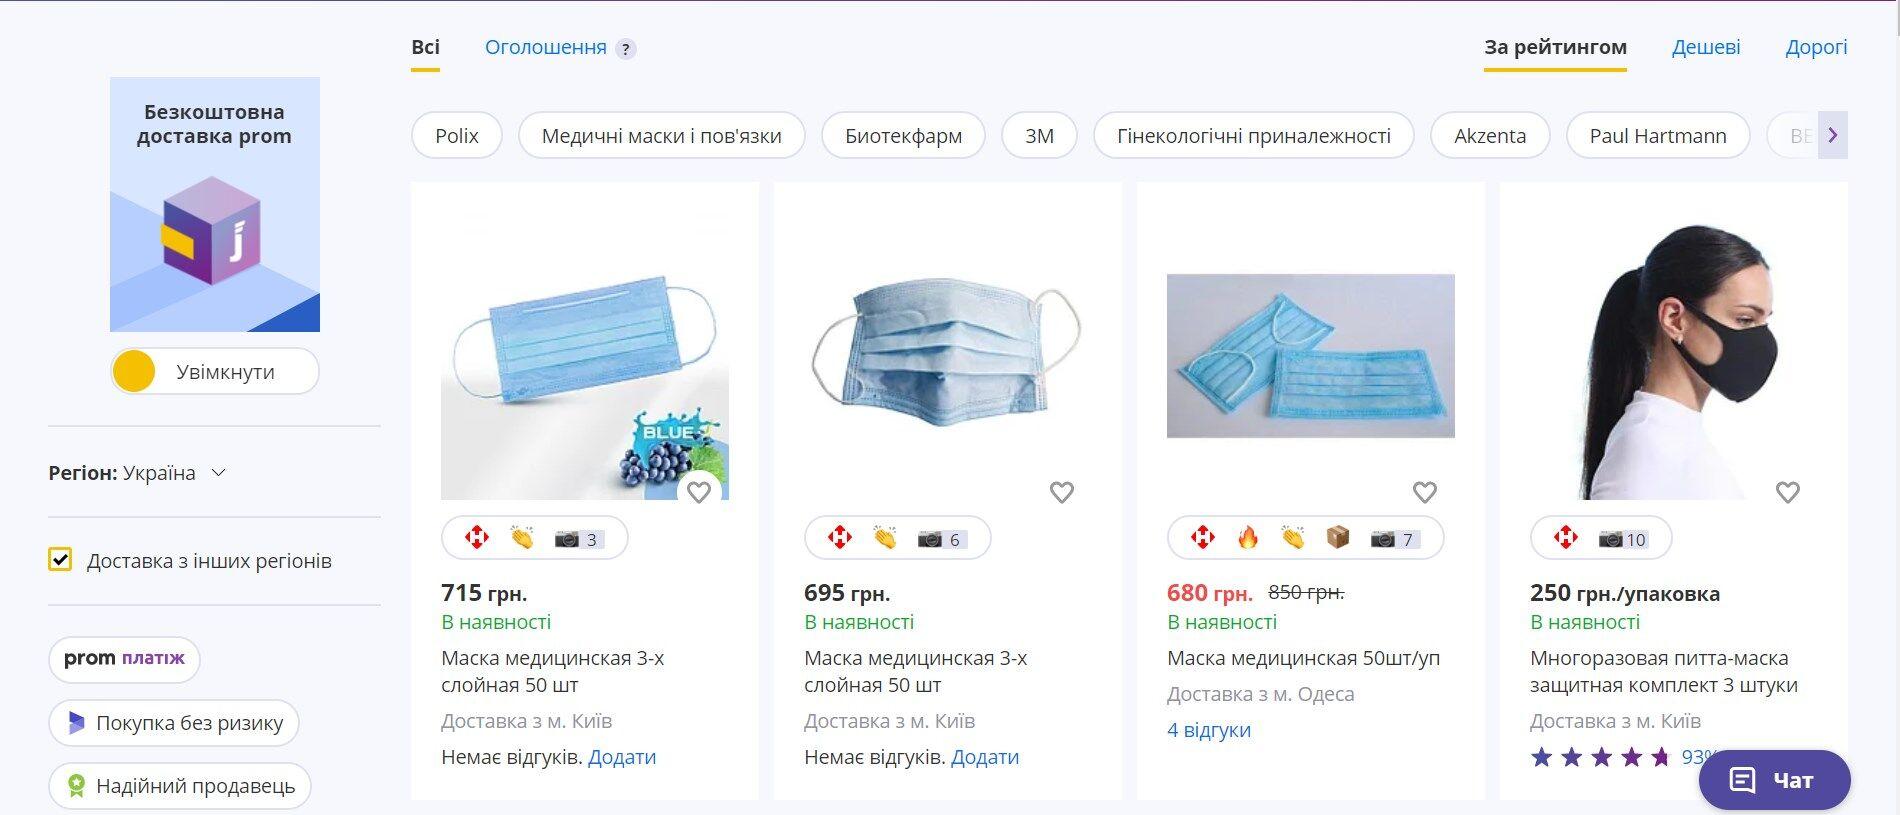 На коронавирусе в Украине зарабатывают мошенники: маски взлетели в цене и пропали из аптек